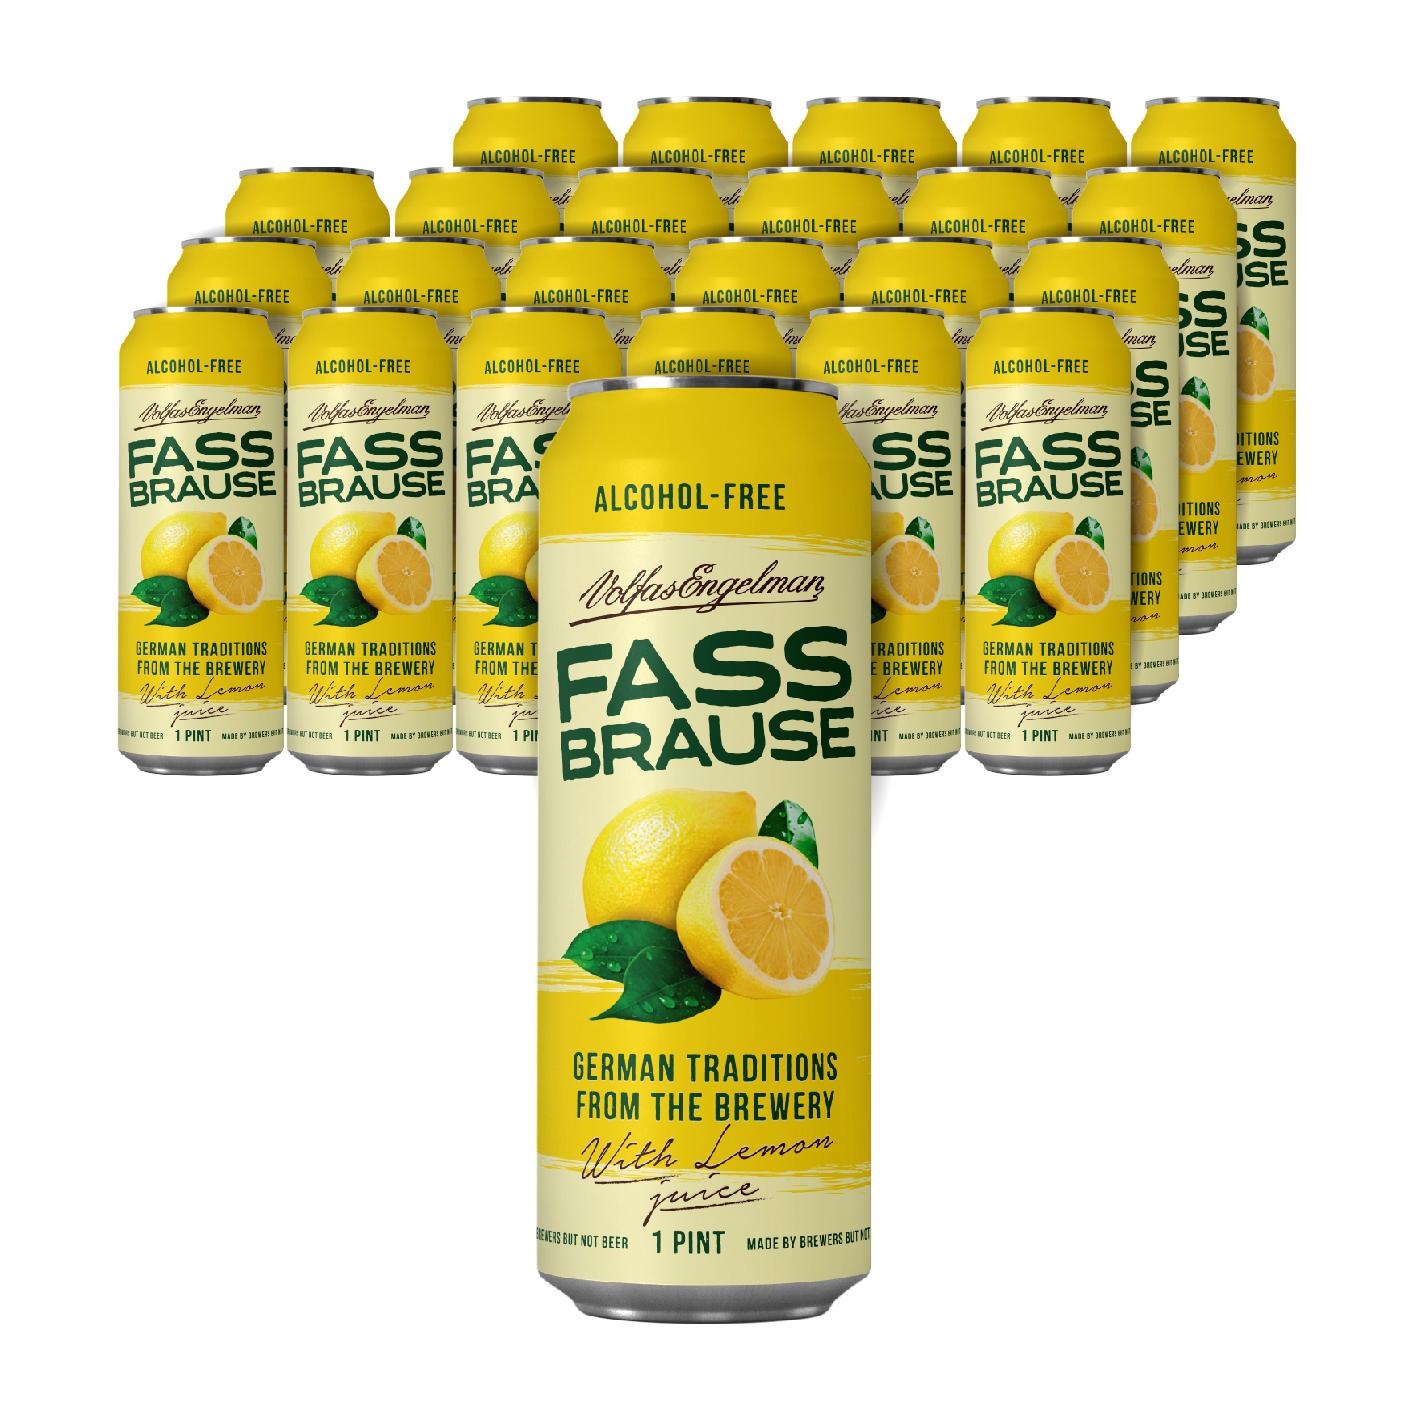 파스브라우스 레몬맛 무알콜 맥주, 568ml, 24개